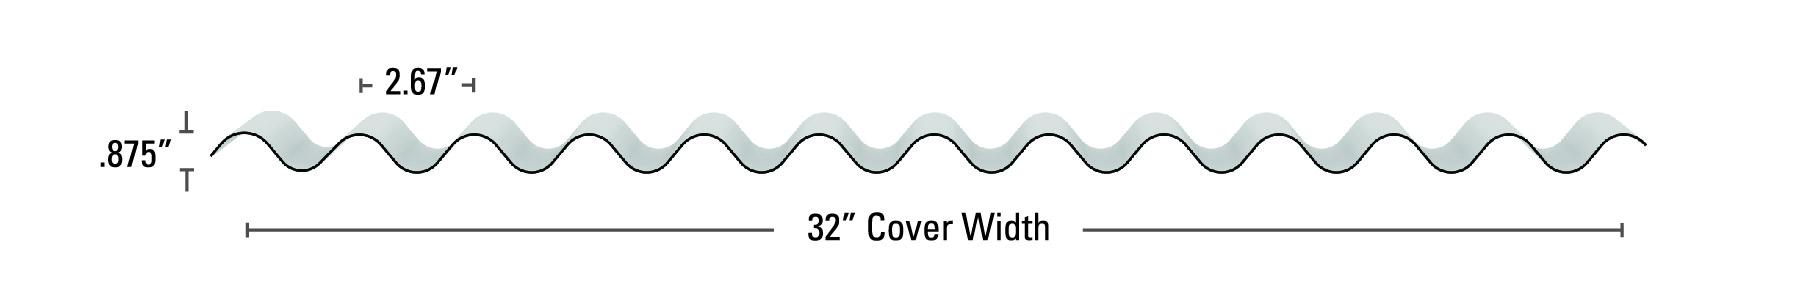 Multi-Cor Wall